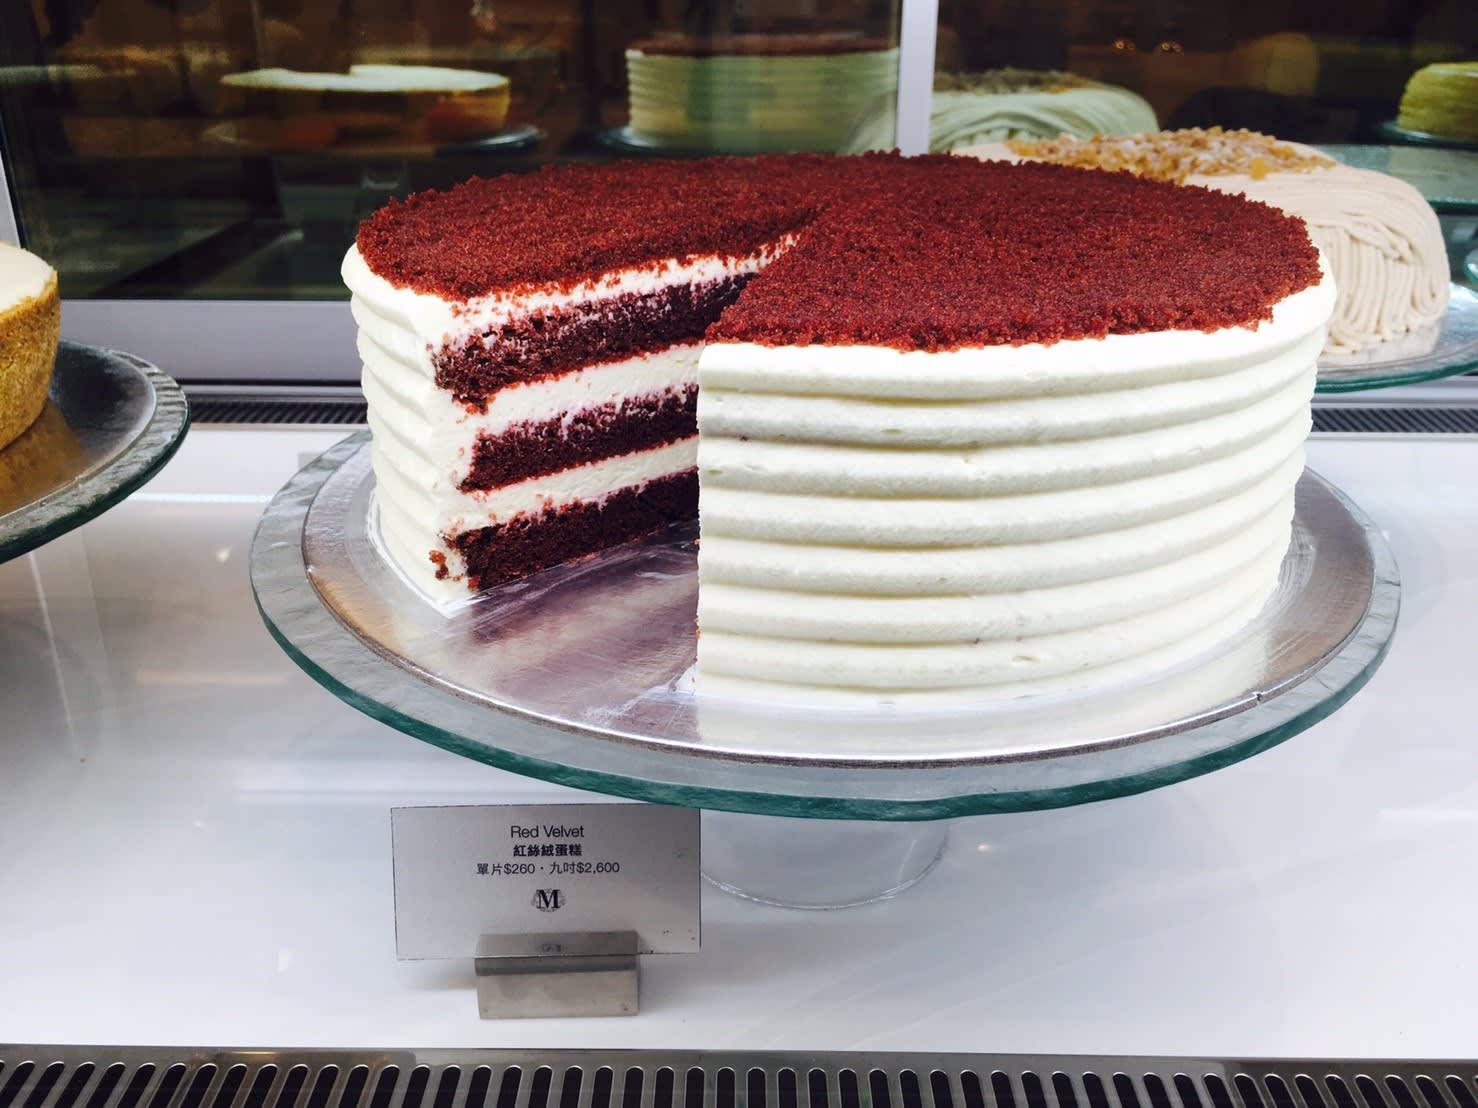 紅絲絨蛋糕 單片NT$260 九吋NT$2600